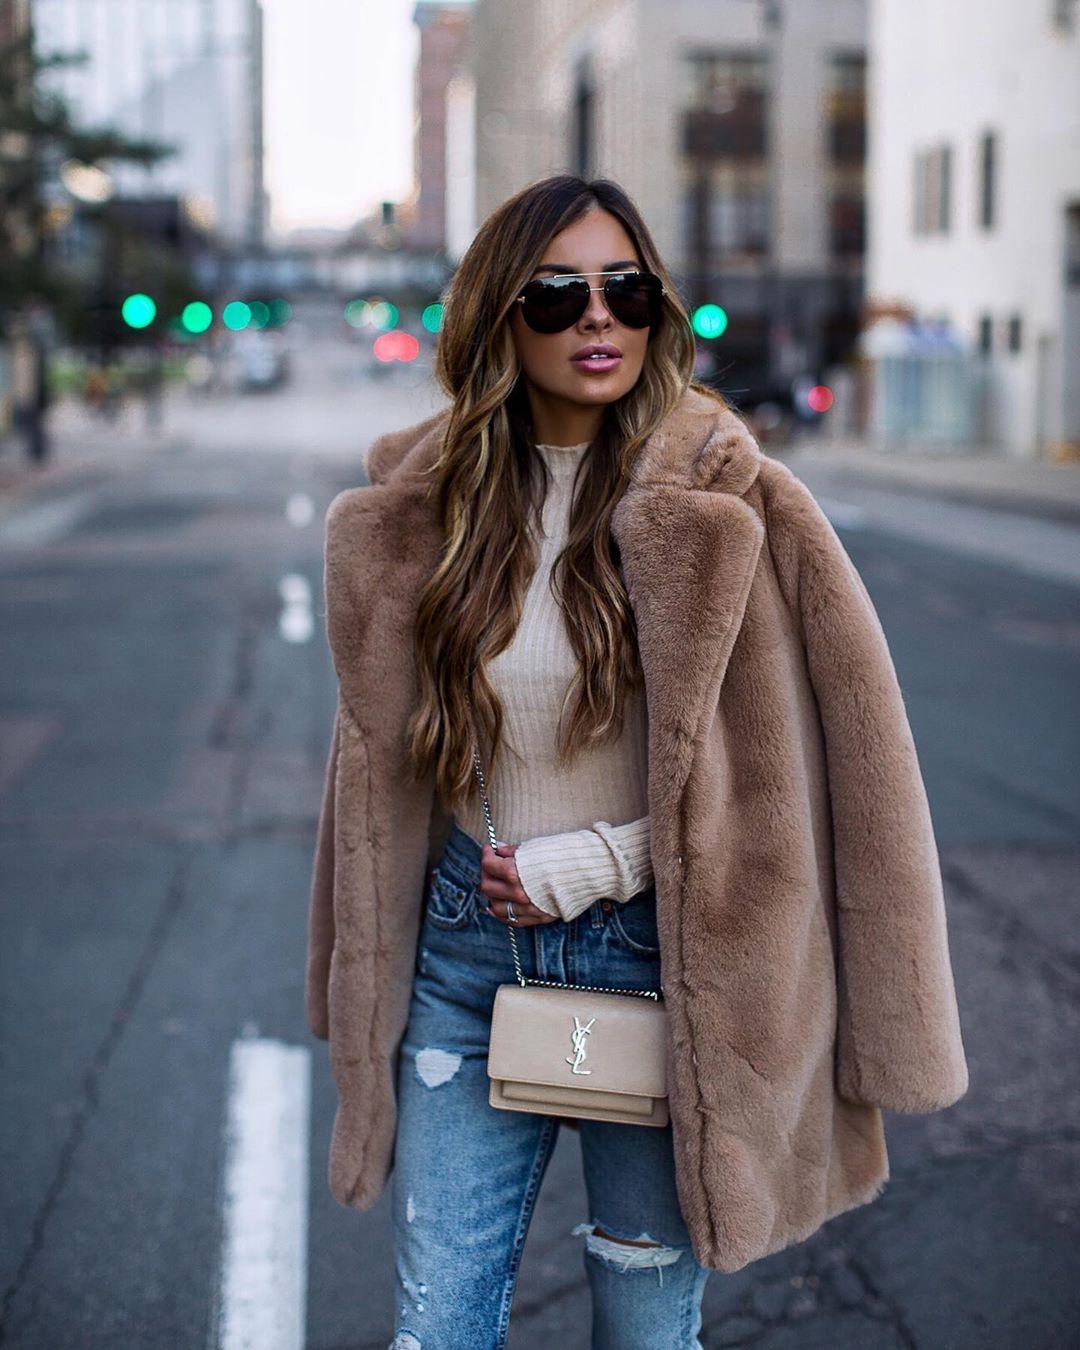 модные луки зима 2020 фото 8